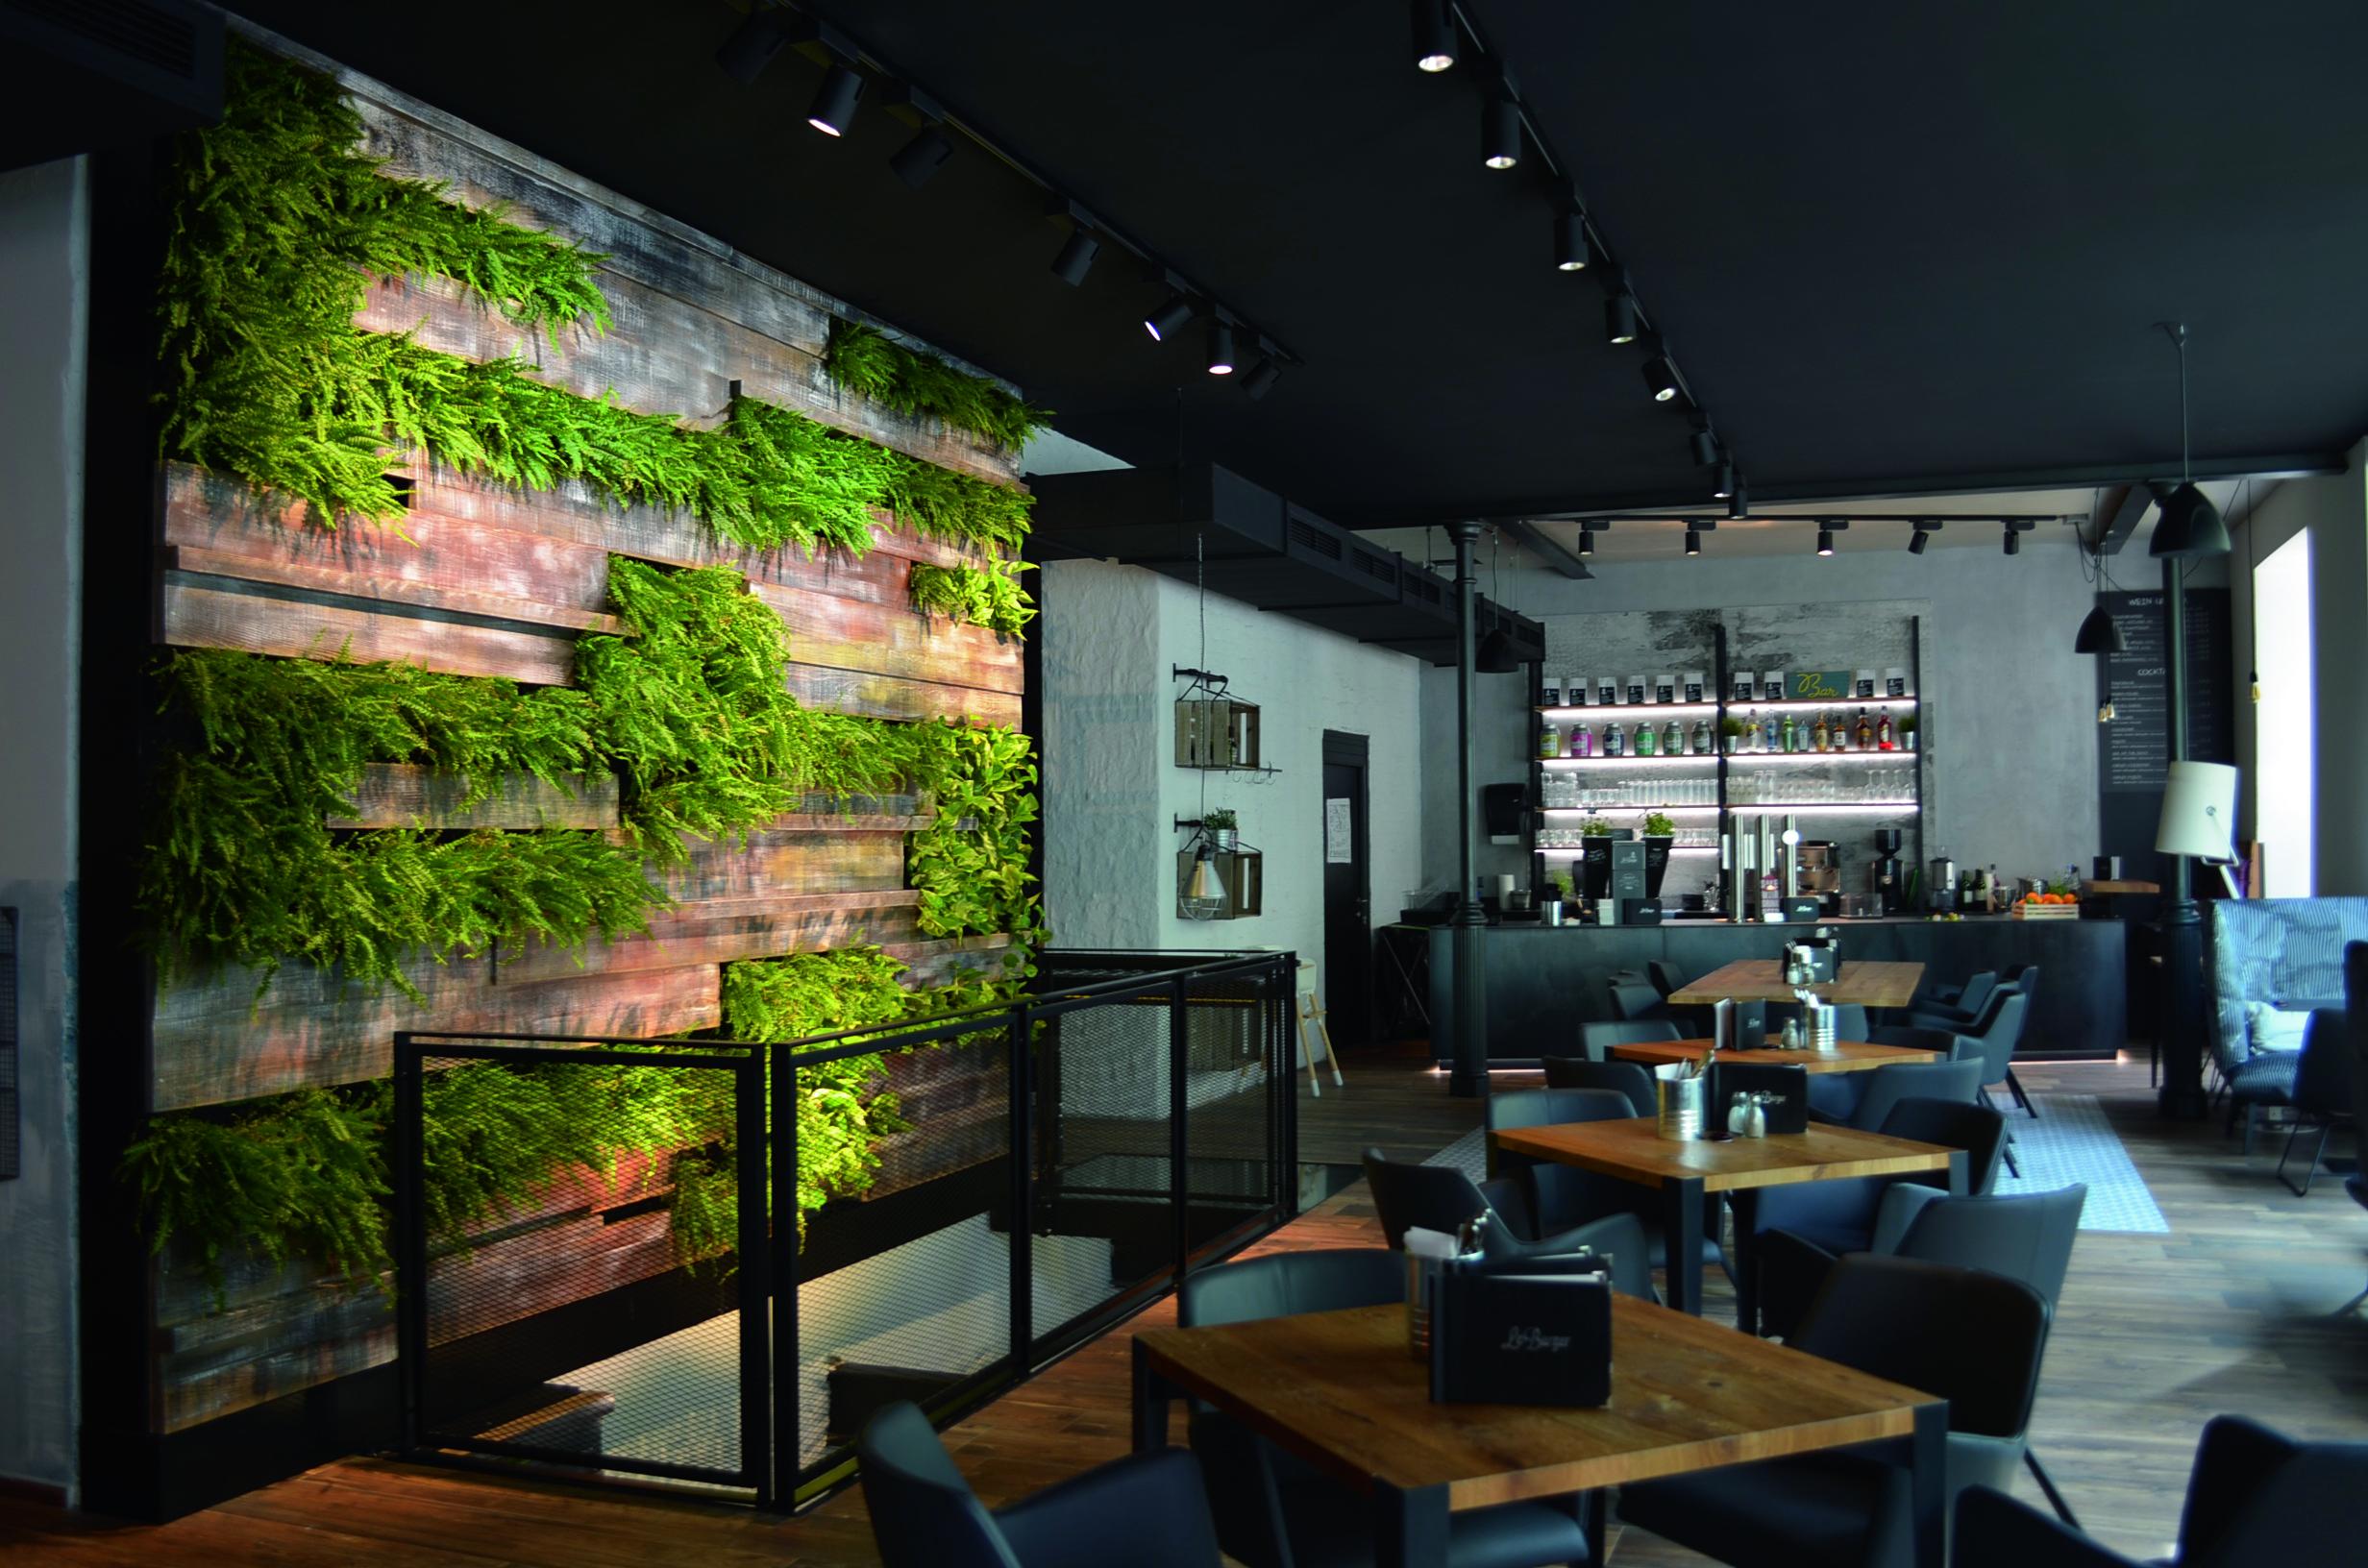 Begrünte Wand in einem Restaurant